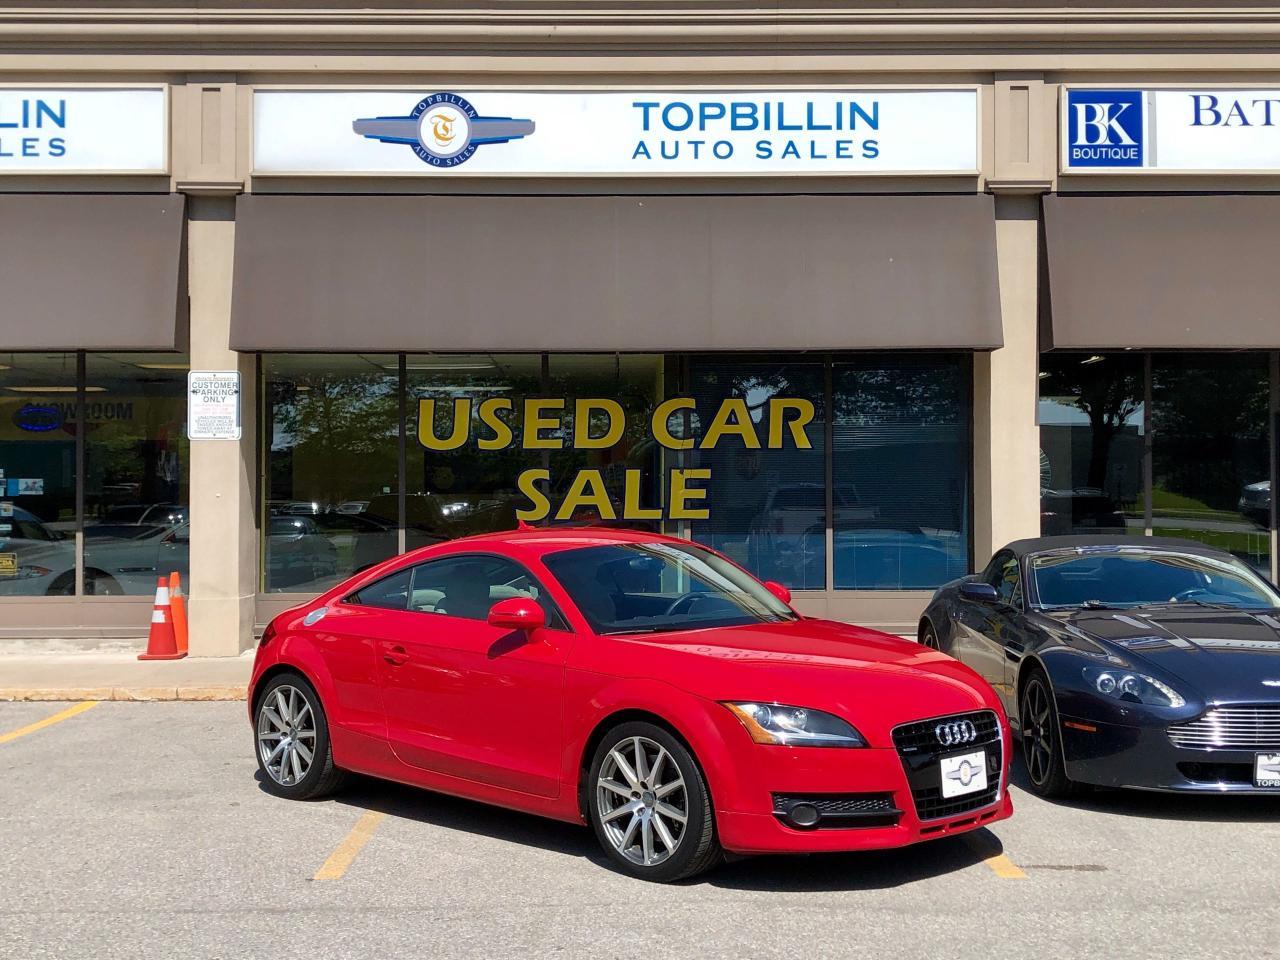 Tt Auto Sales >> 2008 Audi Tt Topbillin Auto Sales